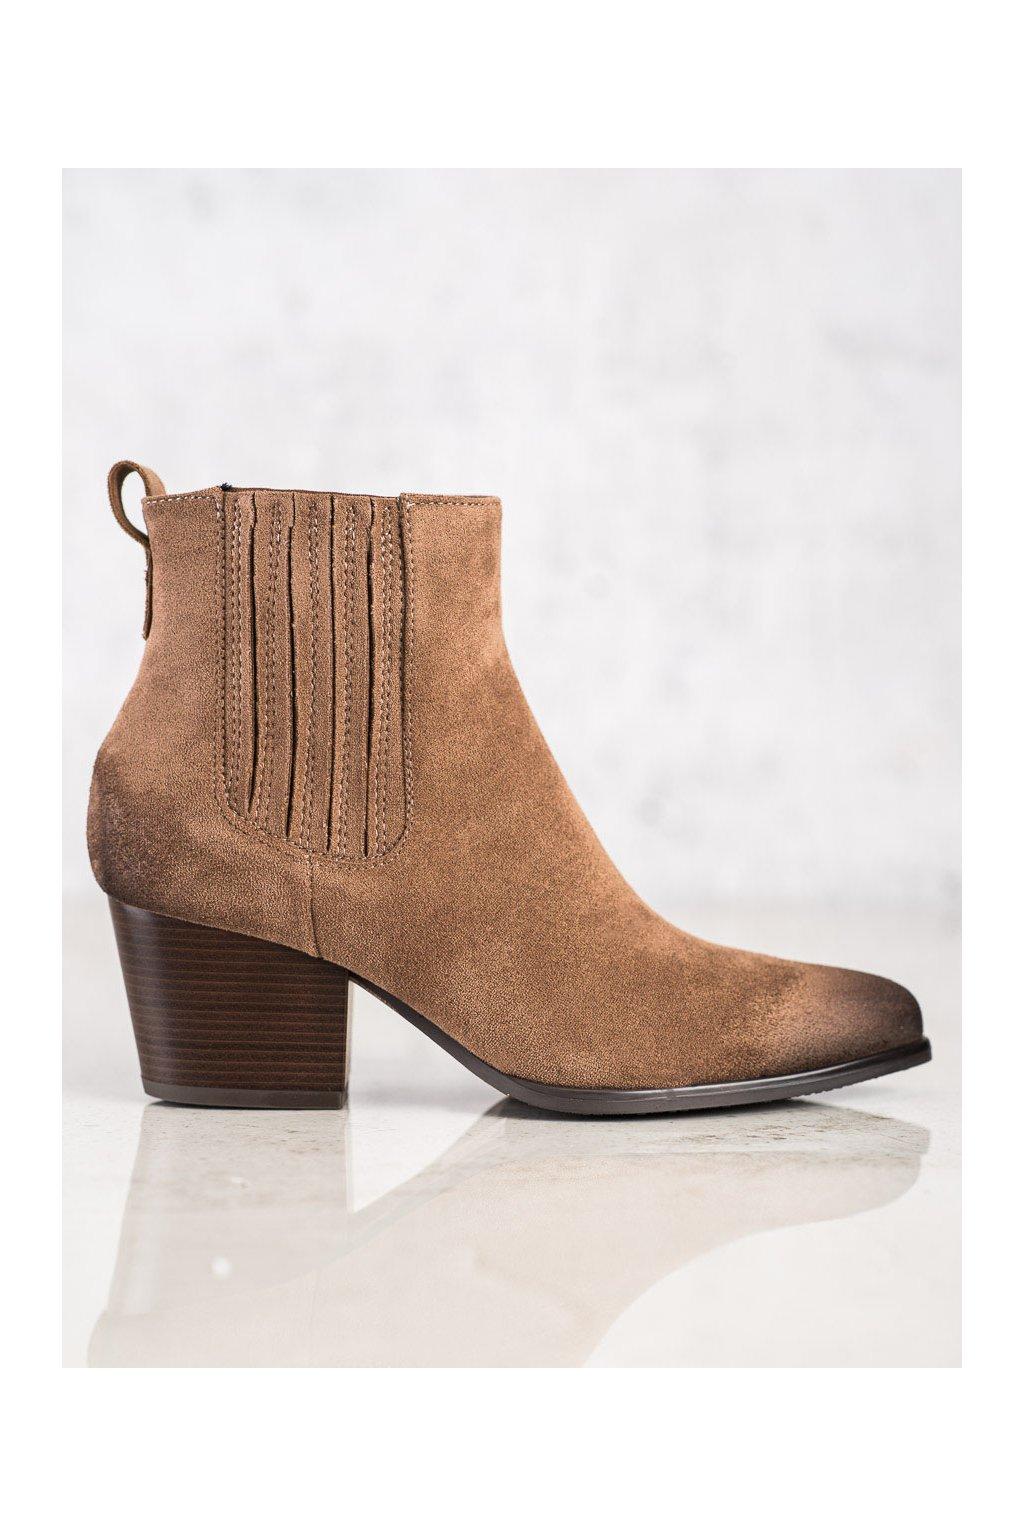 Hnedé dámske topánky Vinceza kod XY22-10637BR